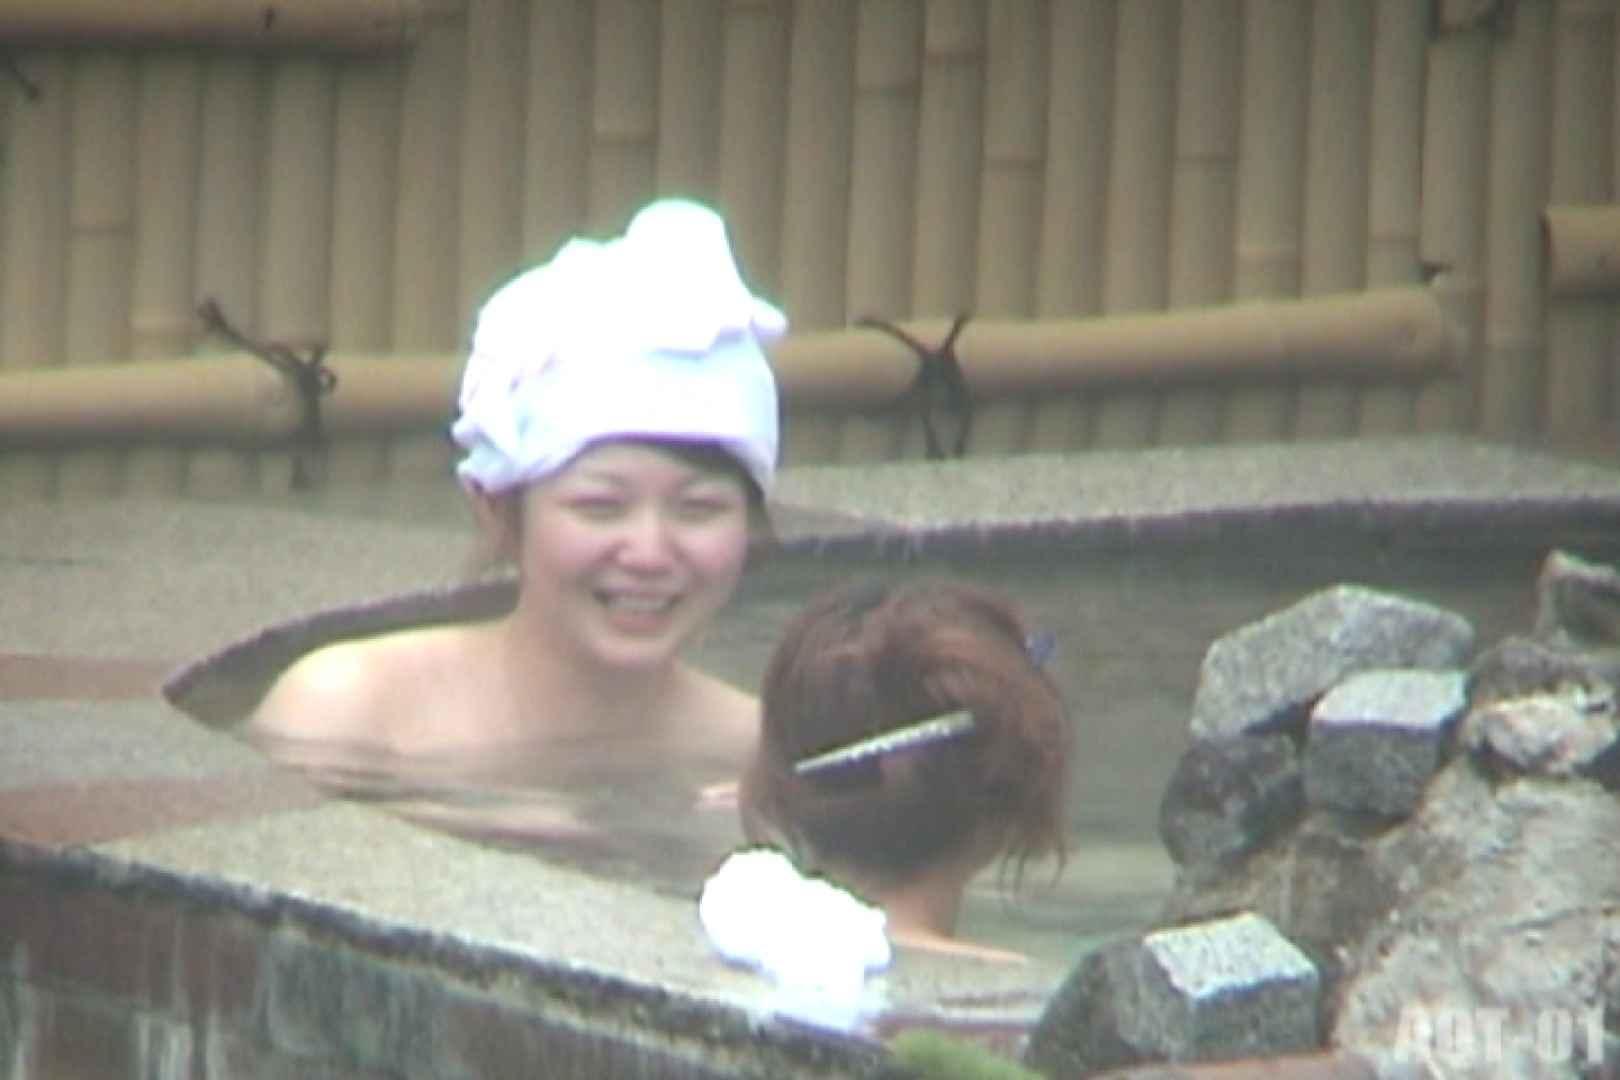 Aquaな露天風呂Vol.715 美しいOLの裸体   盗撮師作品  80pic 4